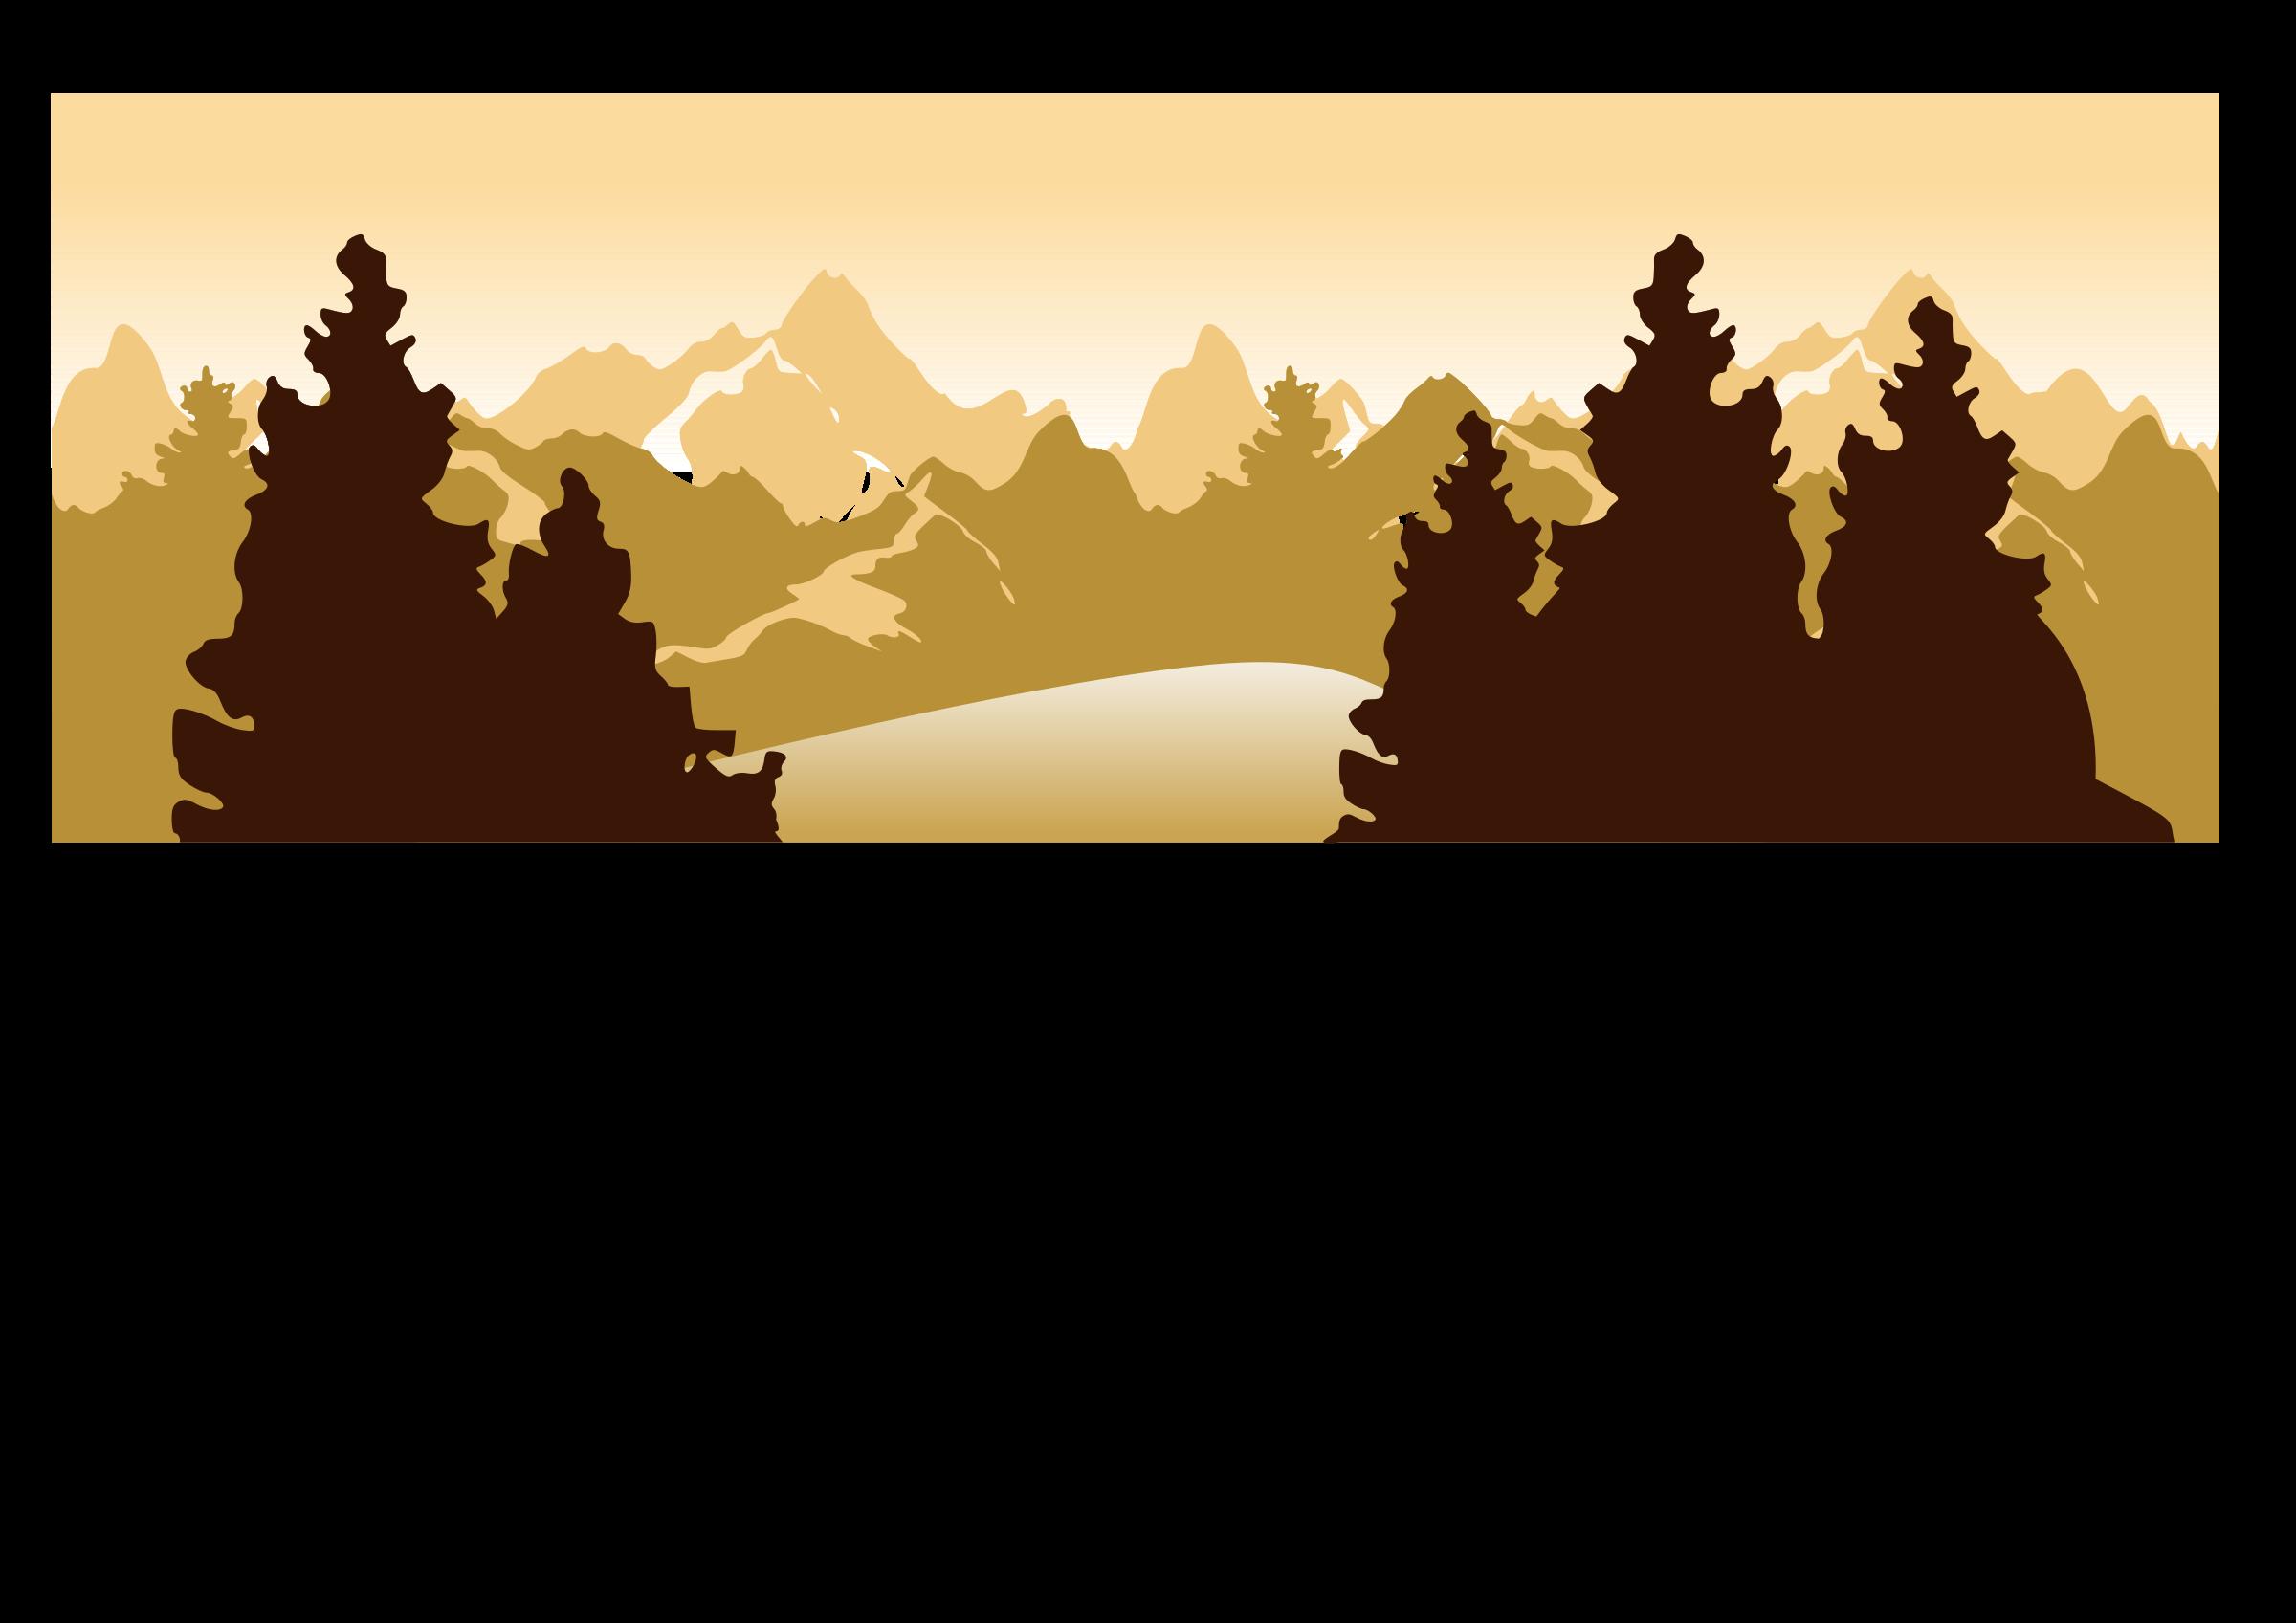 2400x1697 Landscape Clipart Mountain View